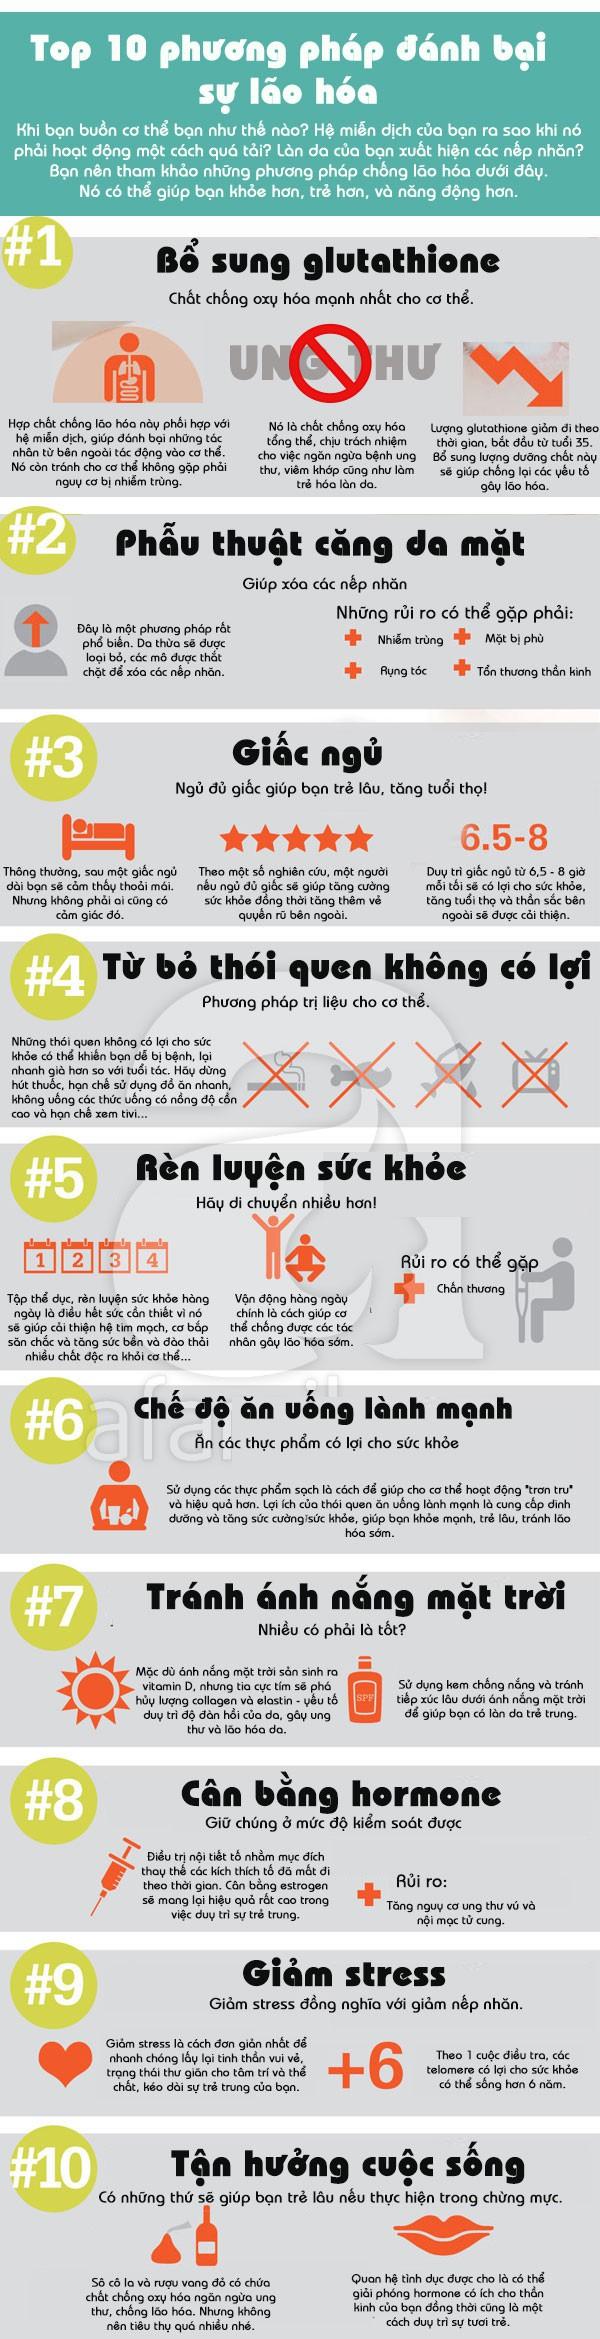 Top 10 phương pháp đánh bại sự lão hóa 1